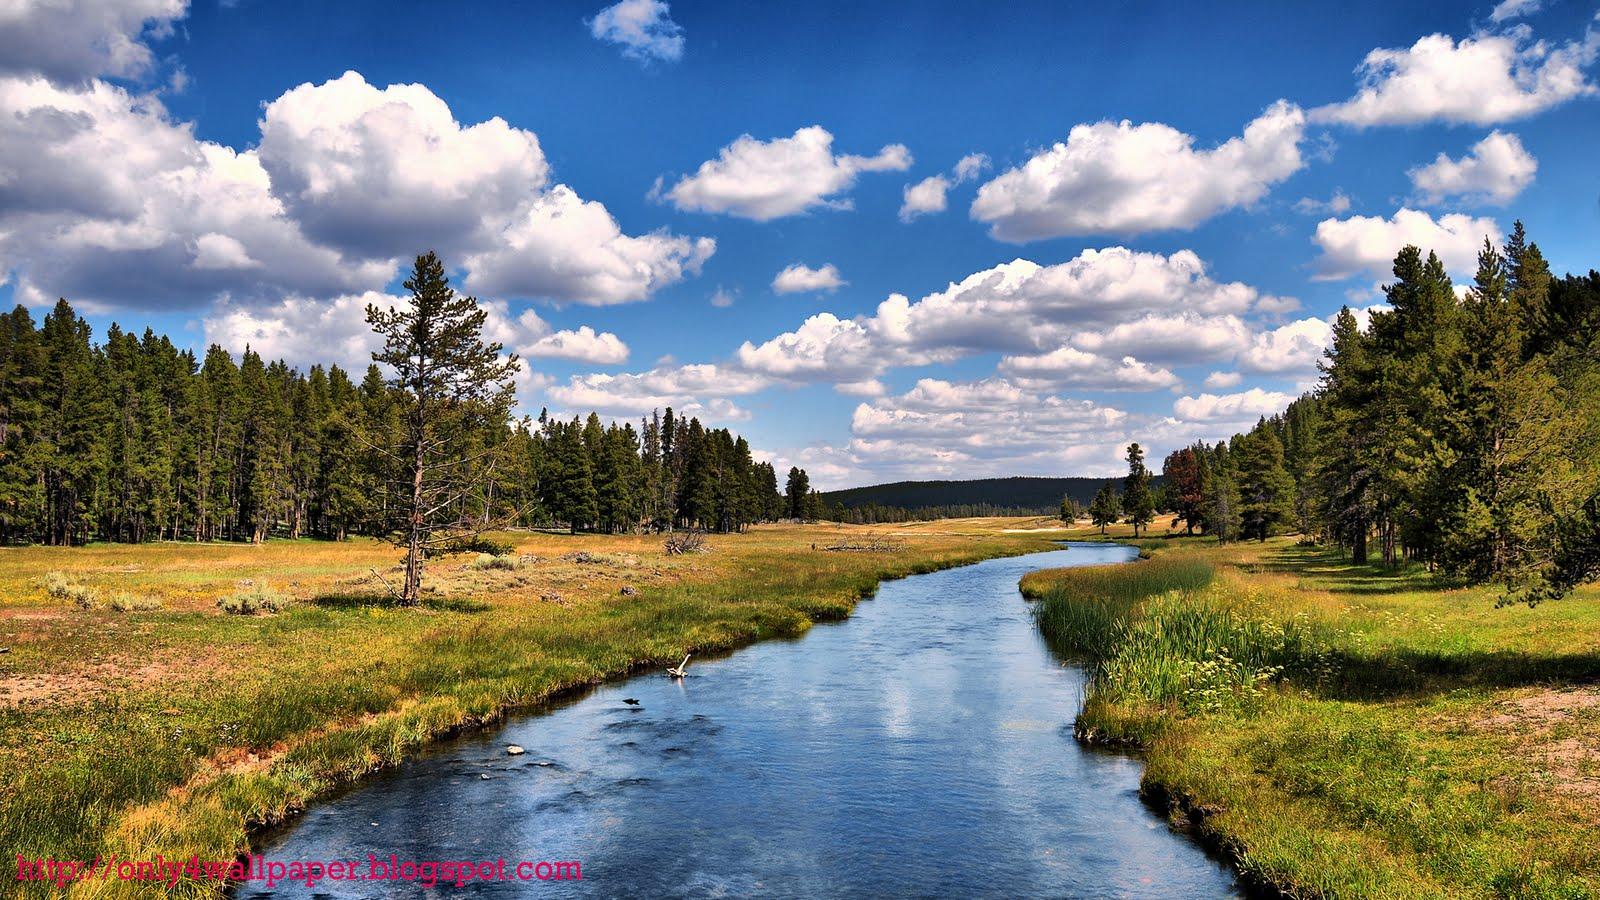 landscape wallpaper 1 - photo #15